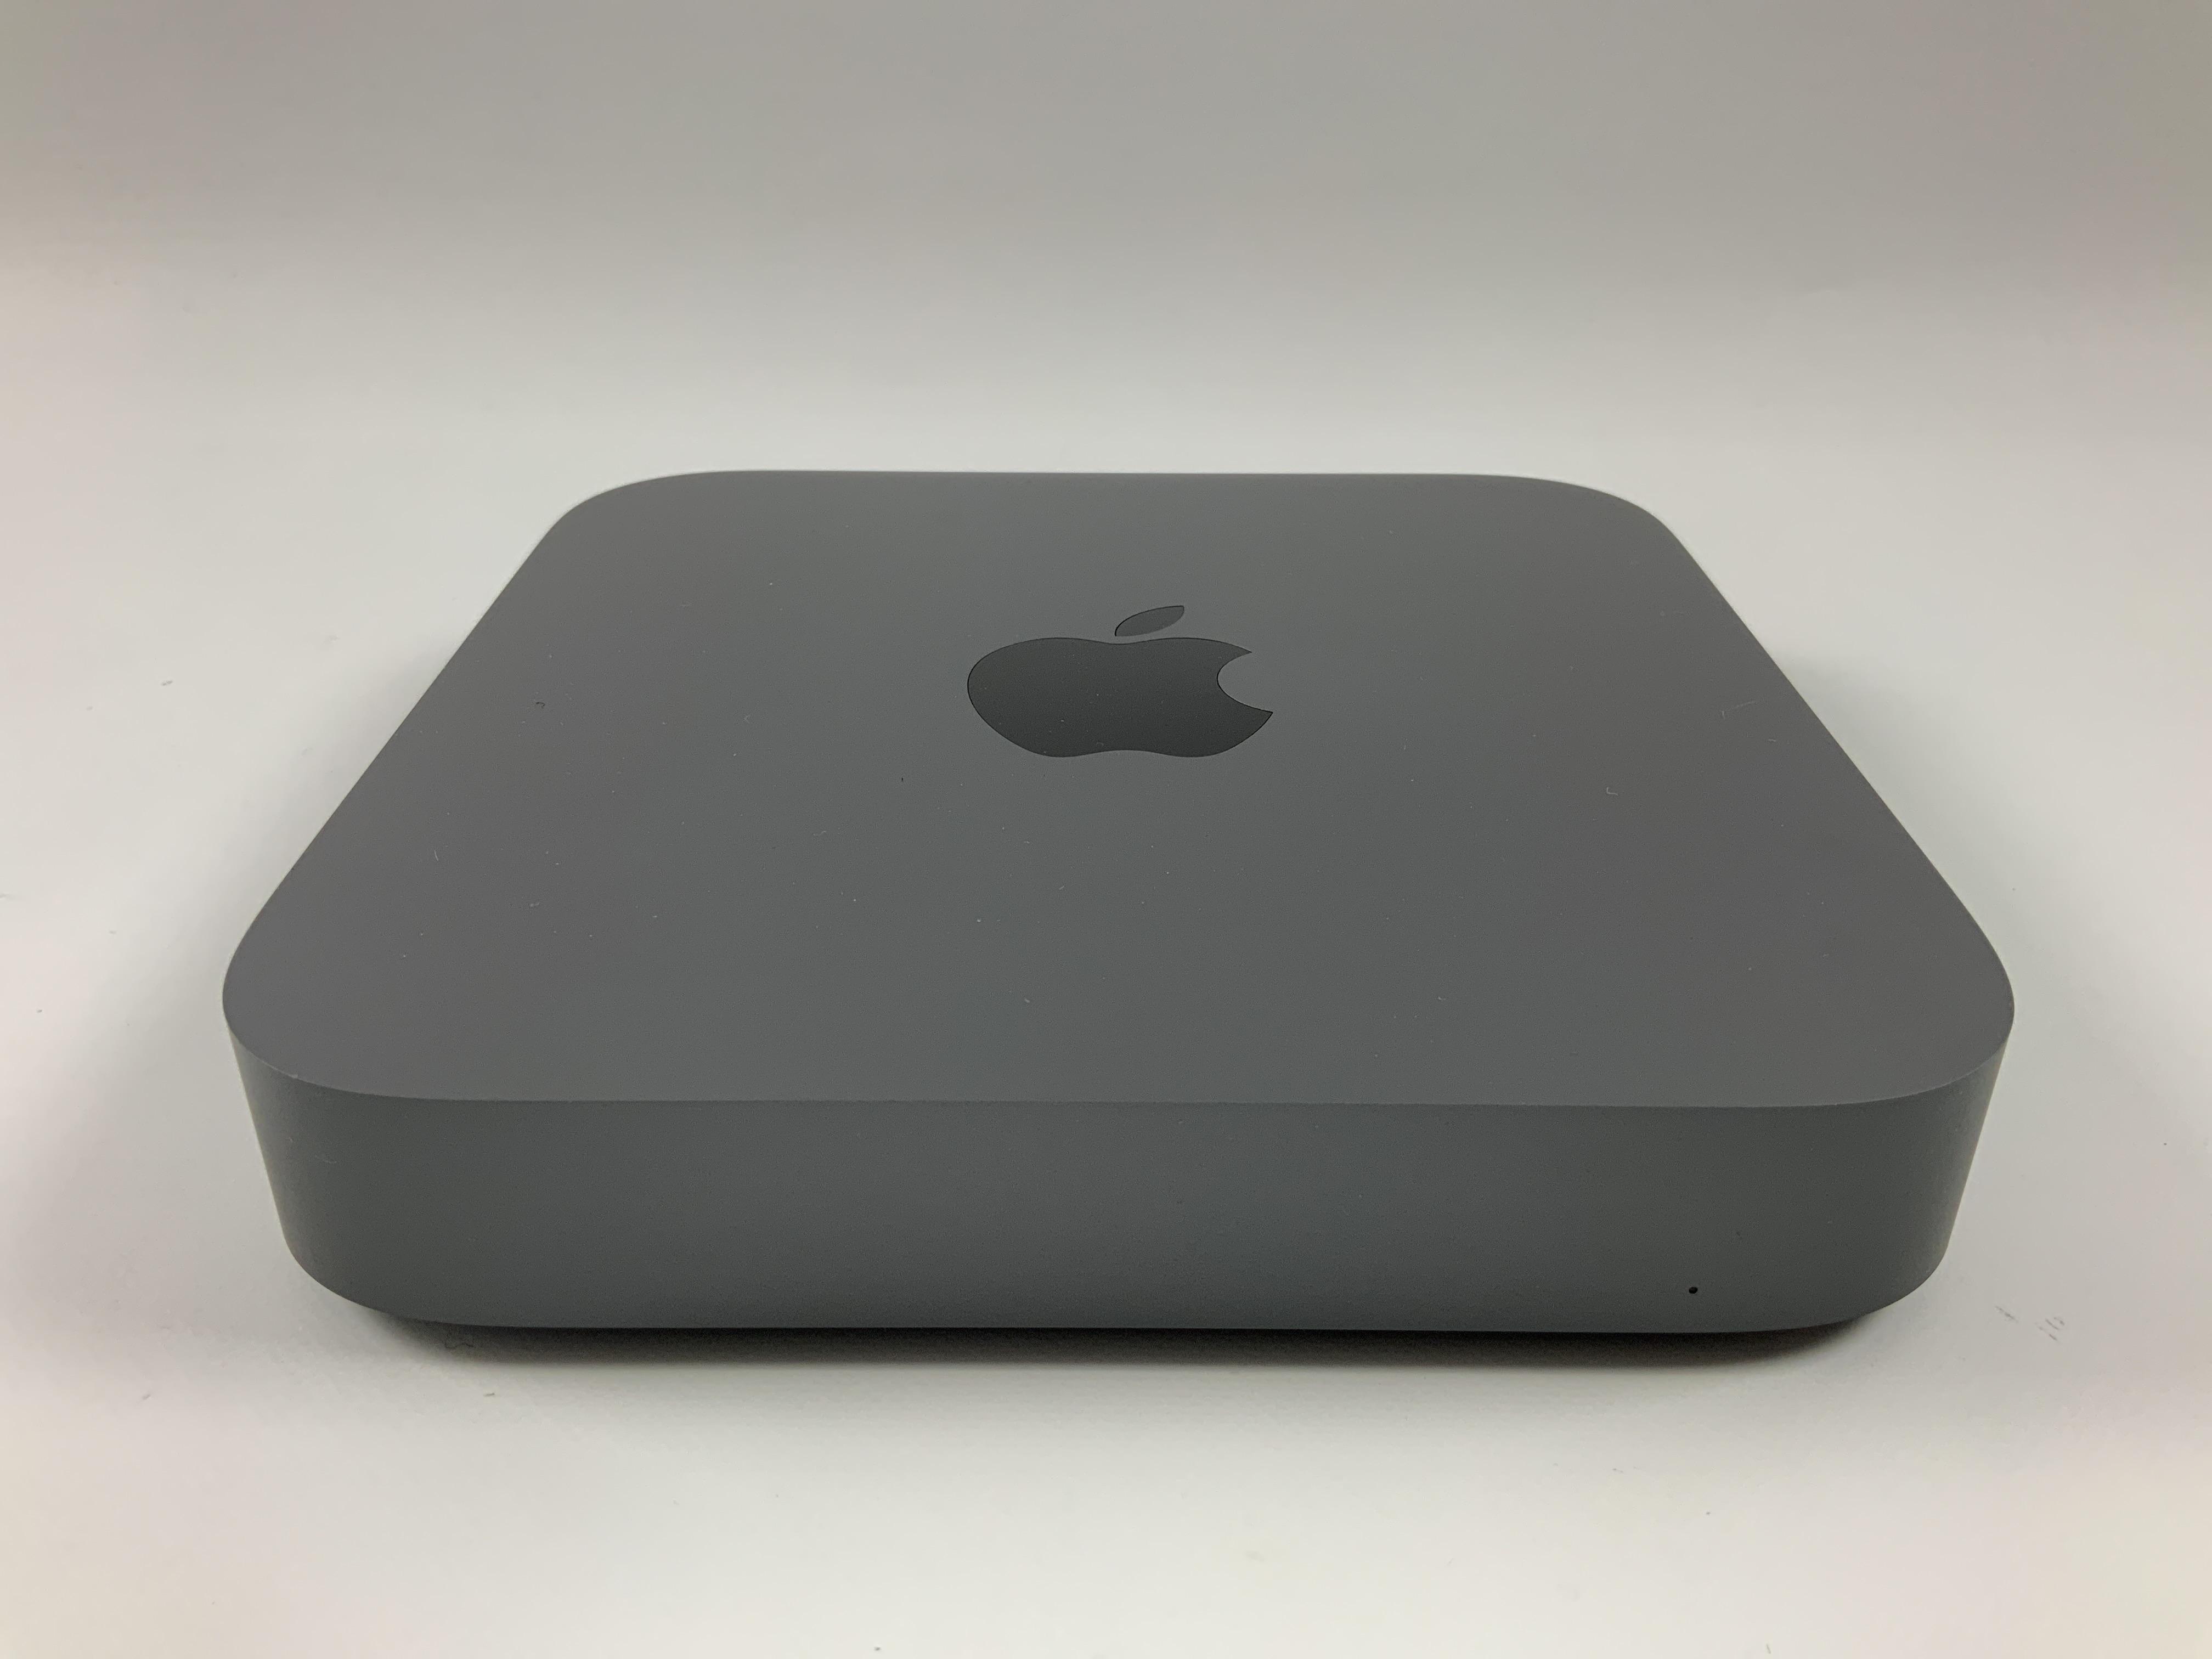 Mac Mini Late 2018 (Intel Quad-Core i3 3.6 GHz 64 GB RAM 256 GB SSD), Intel Quad-Core i3 3.6 GHz, 64 GB RAM, 256 GB SSD, Kuva 1